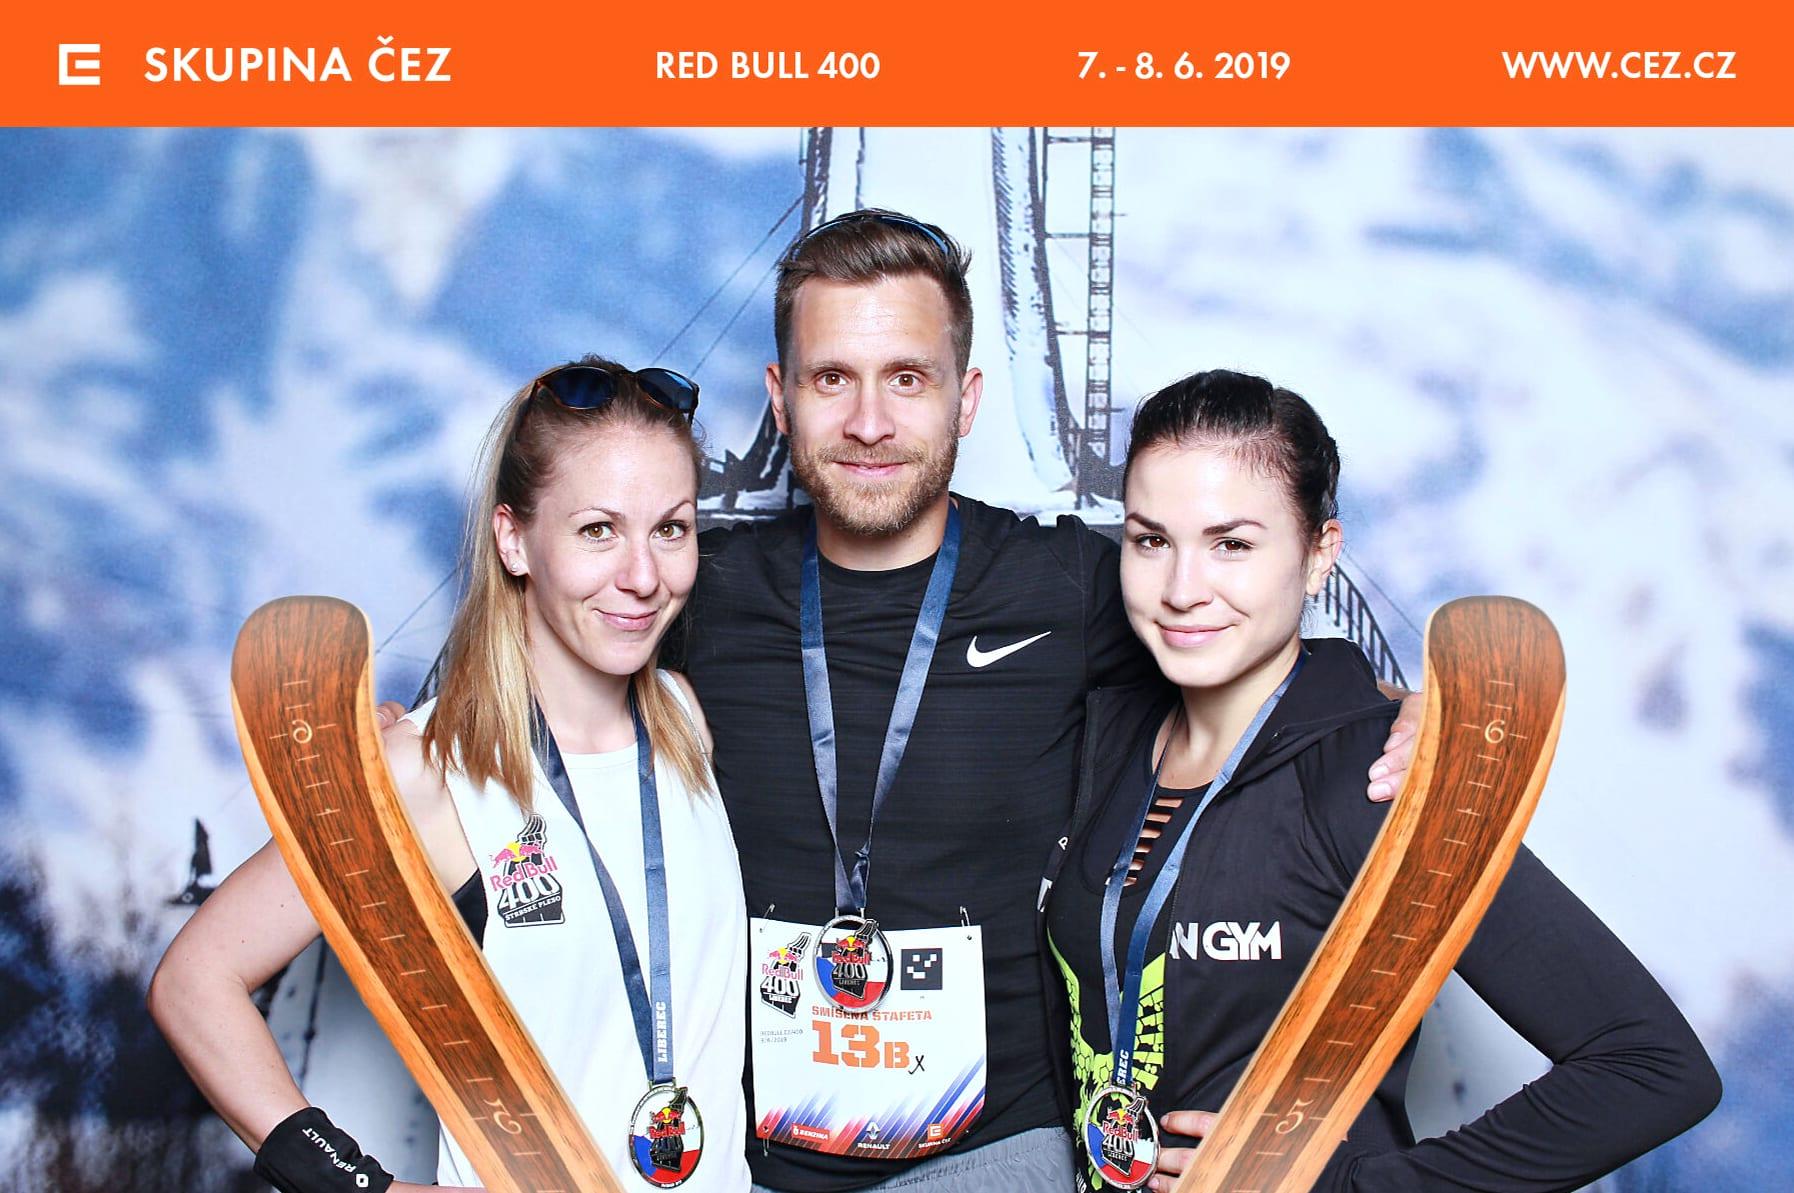 fotokoutek-liberec-promo-akce-cez-red-bull-8-6-2019-621459